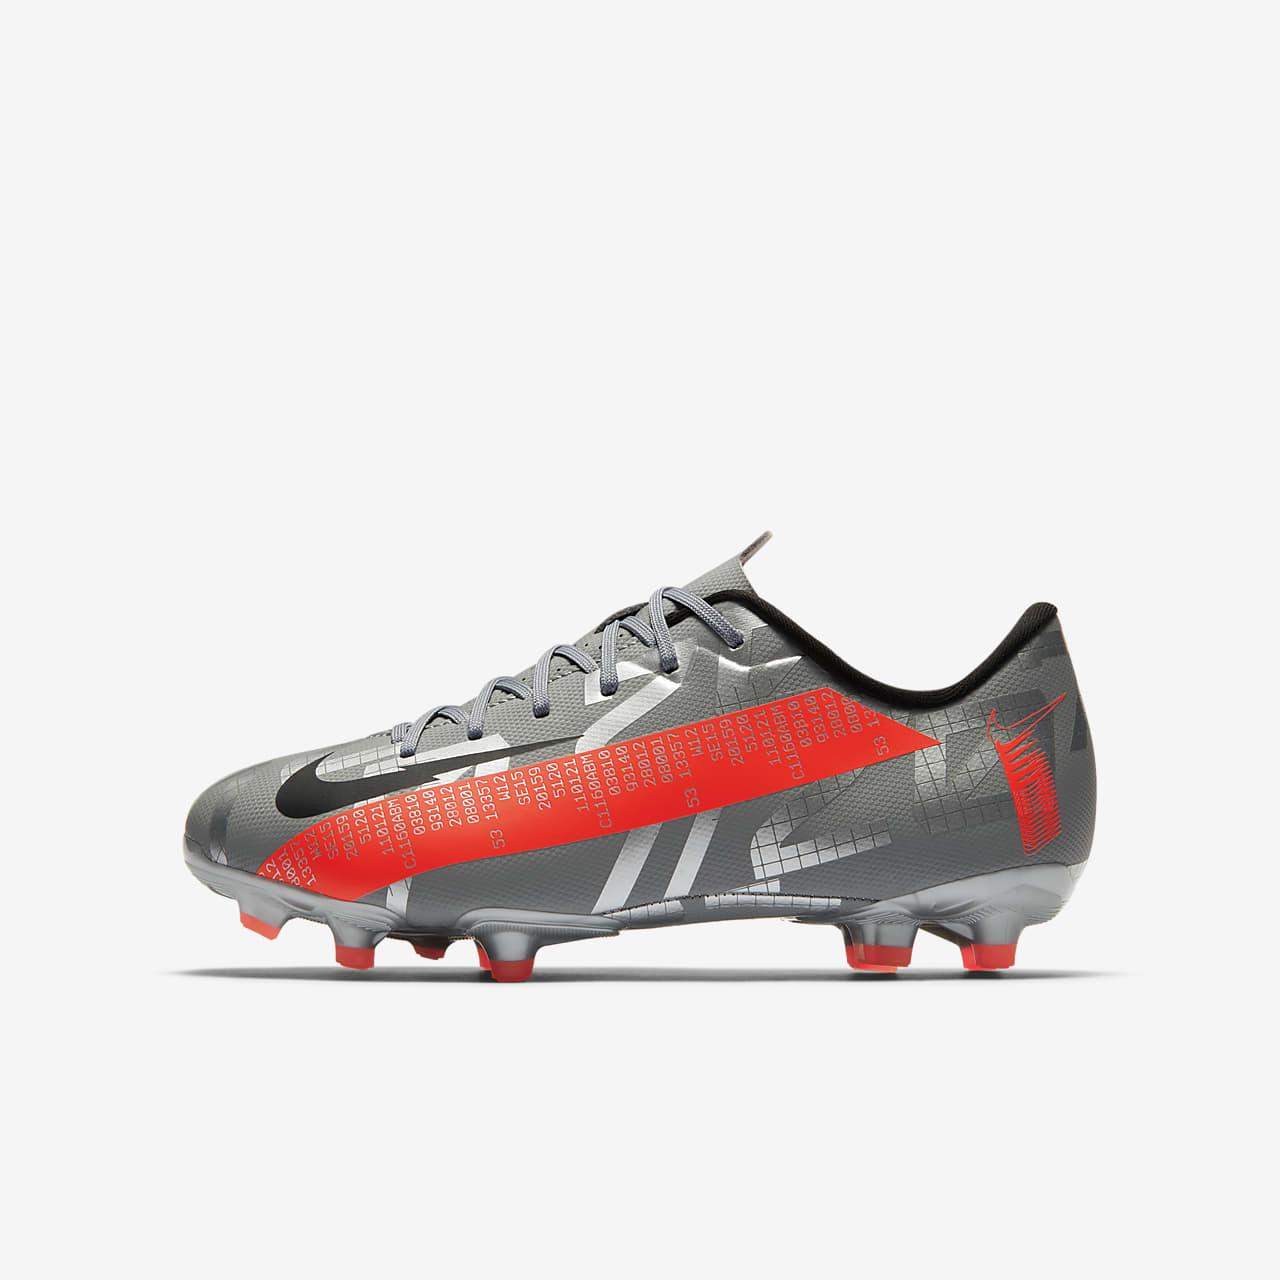 รองเท้าสตั๊ดฟุตบอลเด็กสำหรับพื้นหลายประเภท Nike Jr. Mercurial Vapor 13 Academy MG